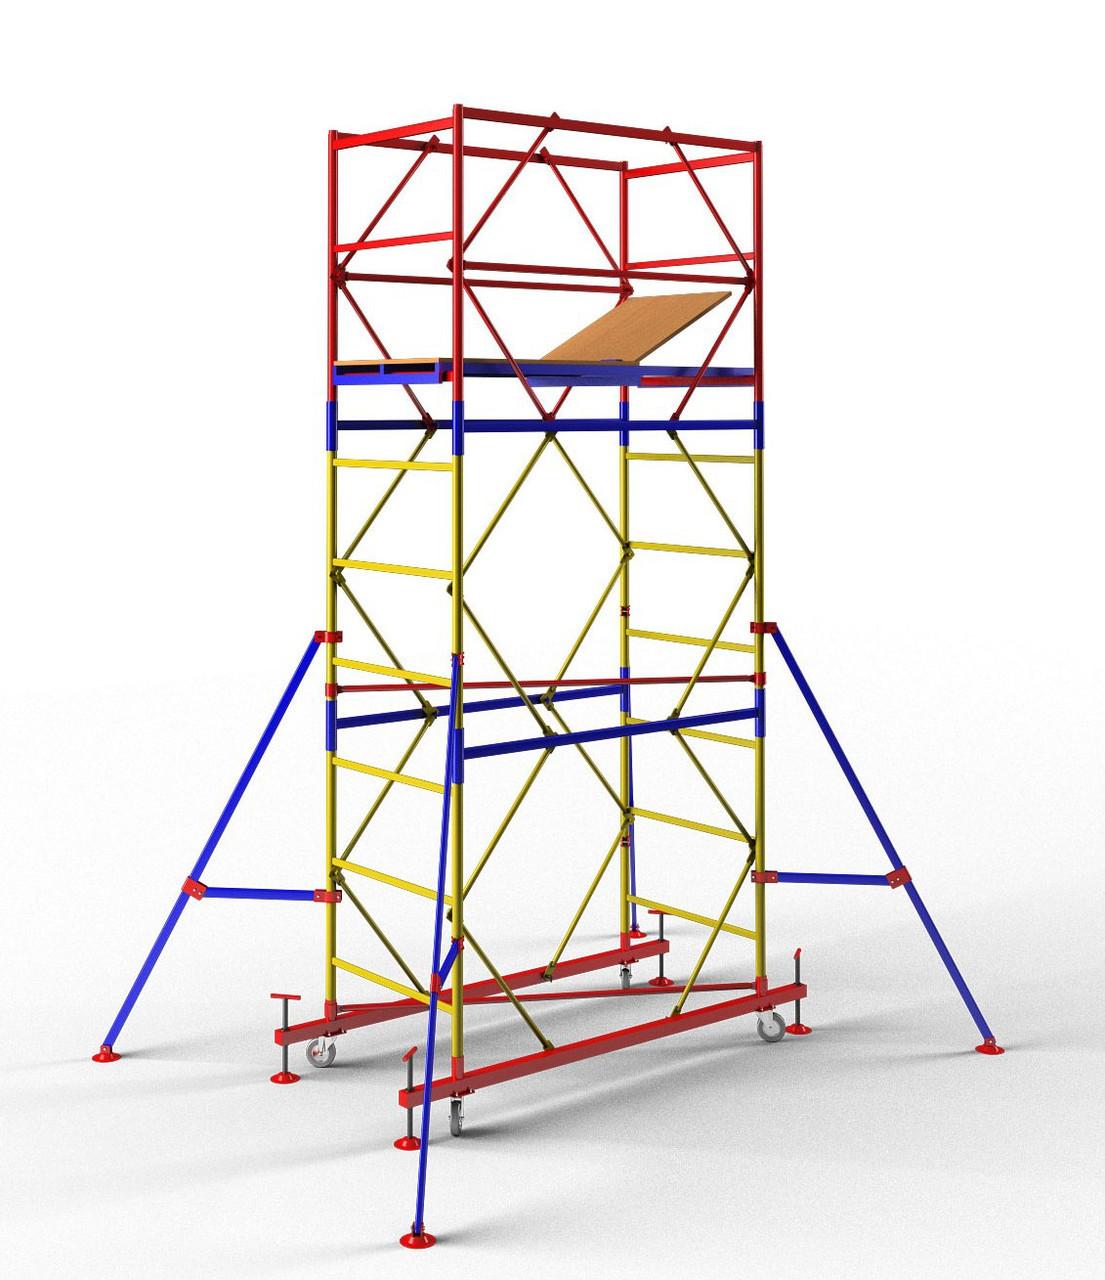 Вышка-тура мобильная облегченная 1,7 x 0,8 м (4+1) Раб.высота 7,2 м